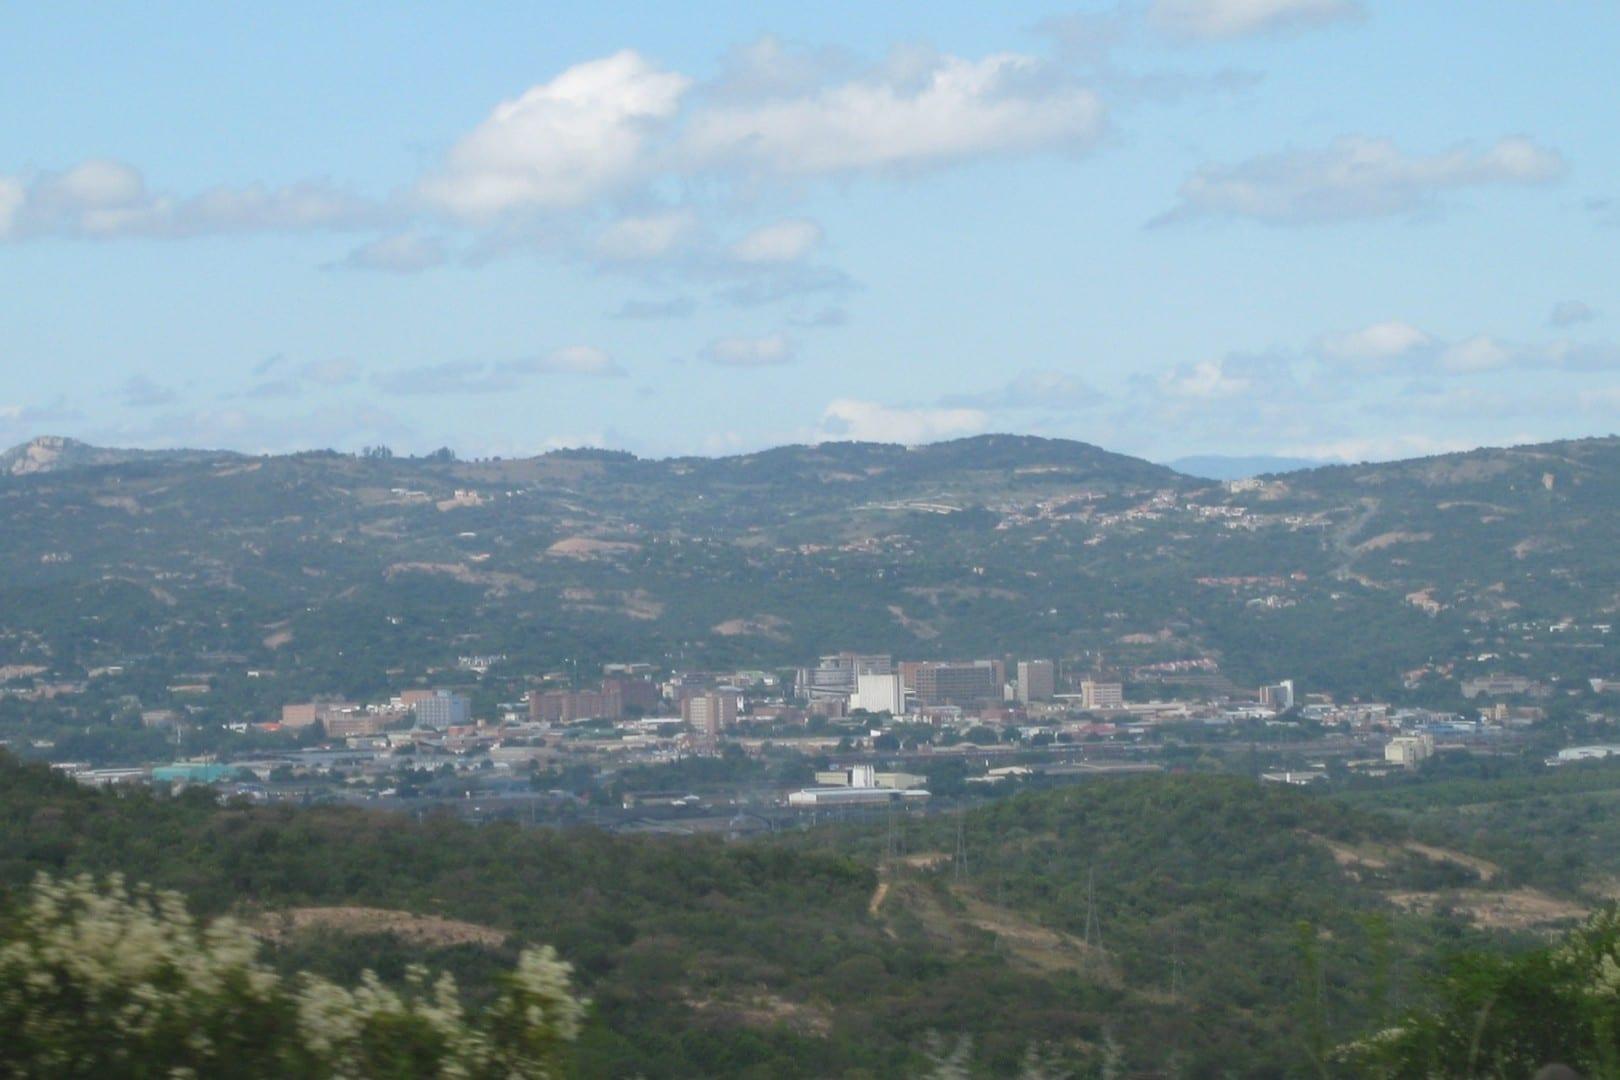 Una vista de Mbombela Mbombela República de Sudáfrica